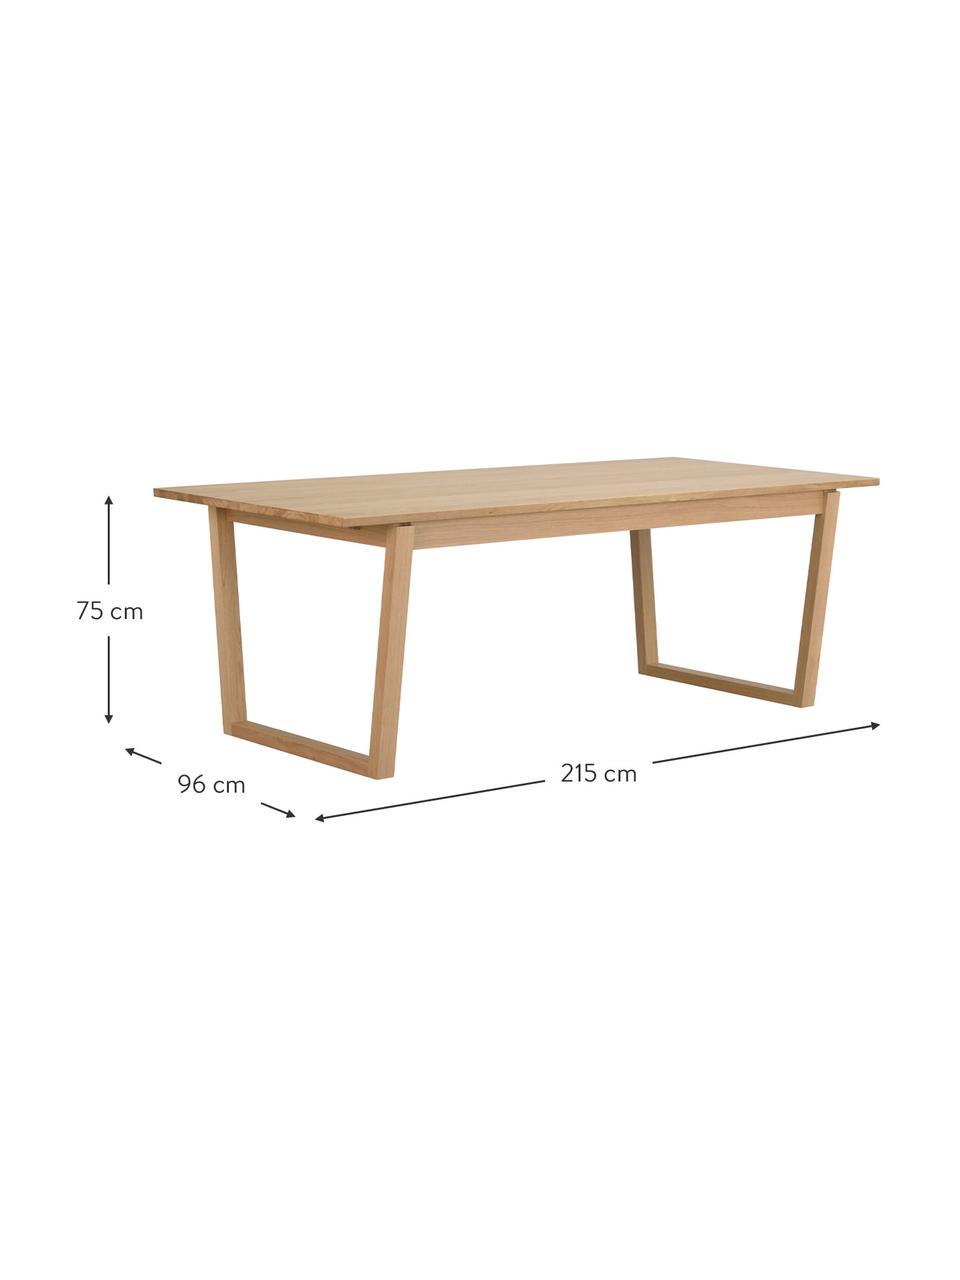 Eichenholz-Esstisch Colonsay in Hellbraun, Tischplatte: Mitteldichte Holzfaserpla, Eichenholzfurnier, B 215 x T 96 cm